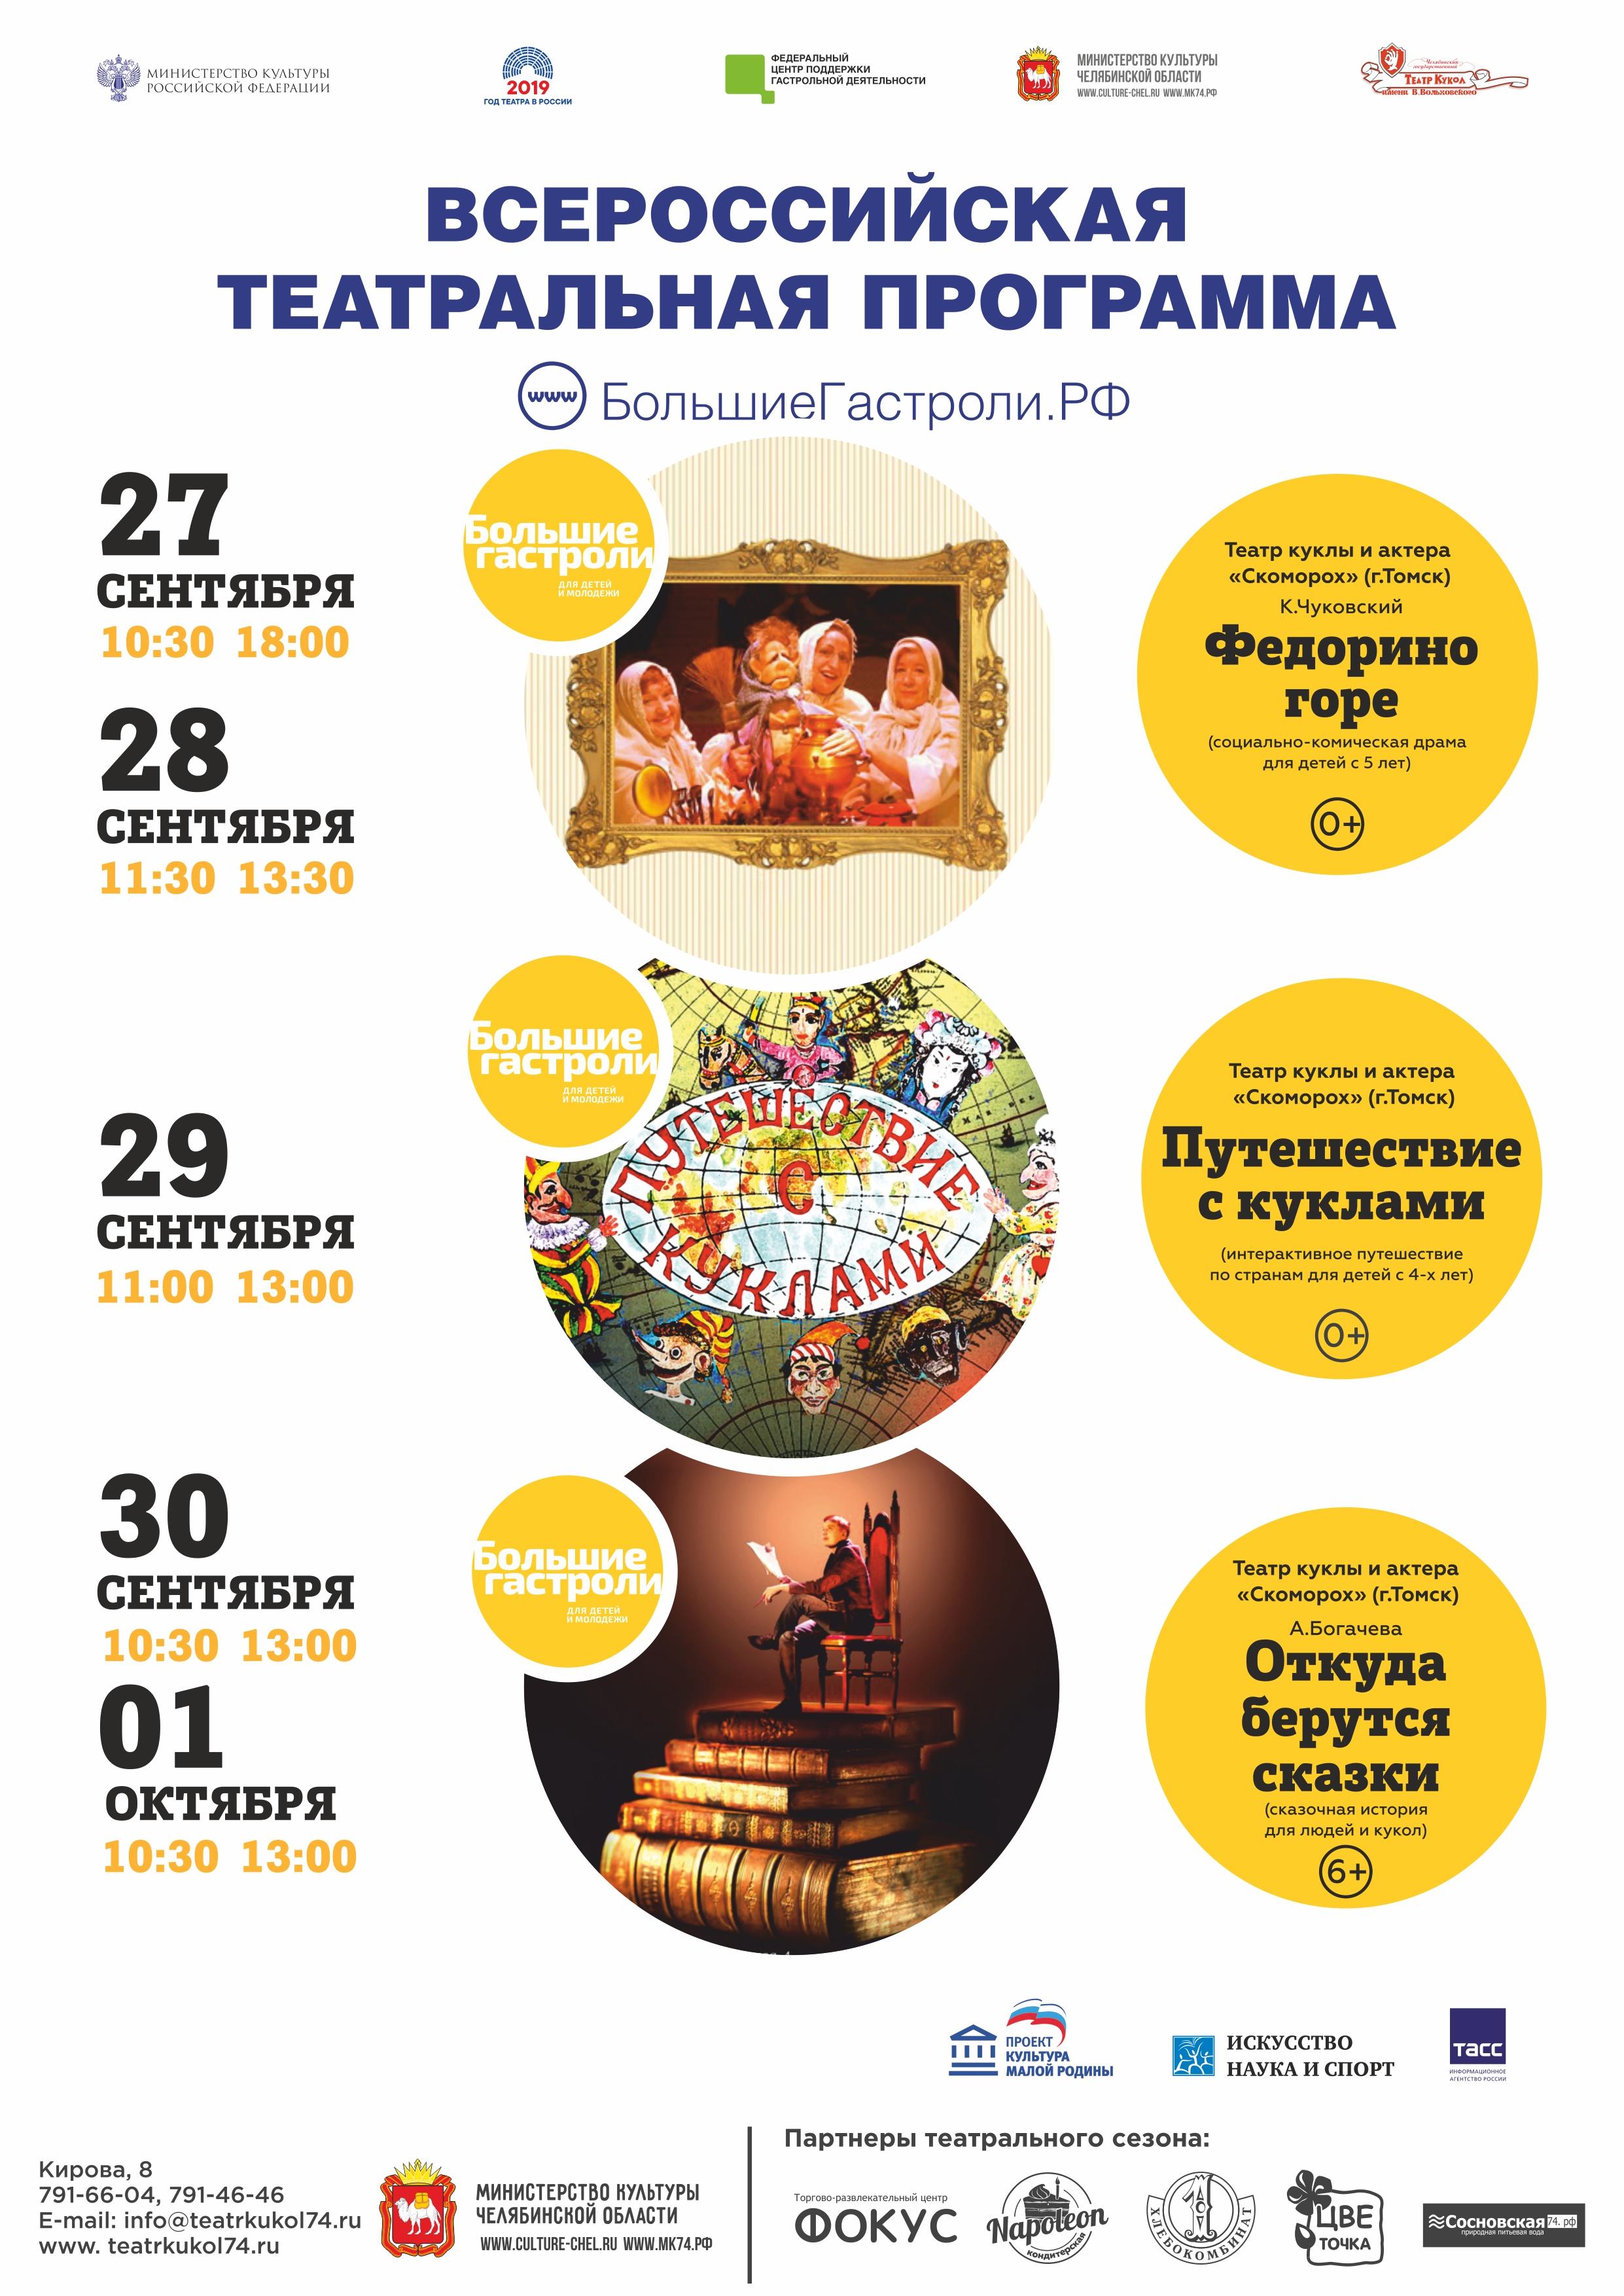 Челябинский театр кукол обменяется спектаклями с Томском